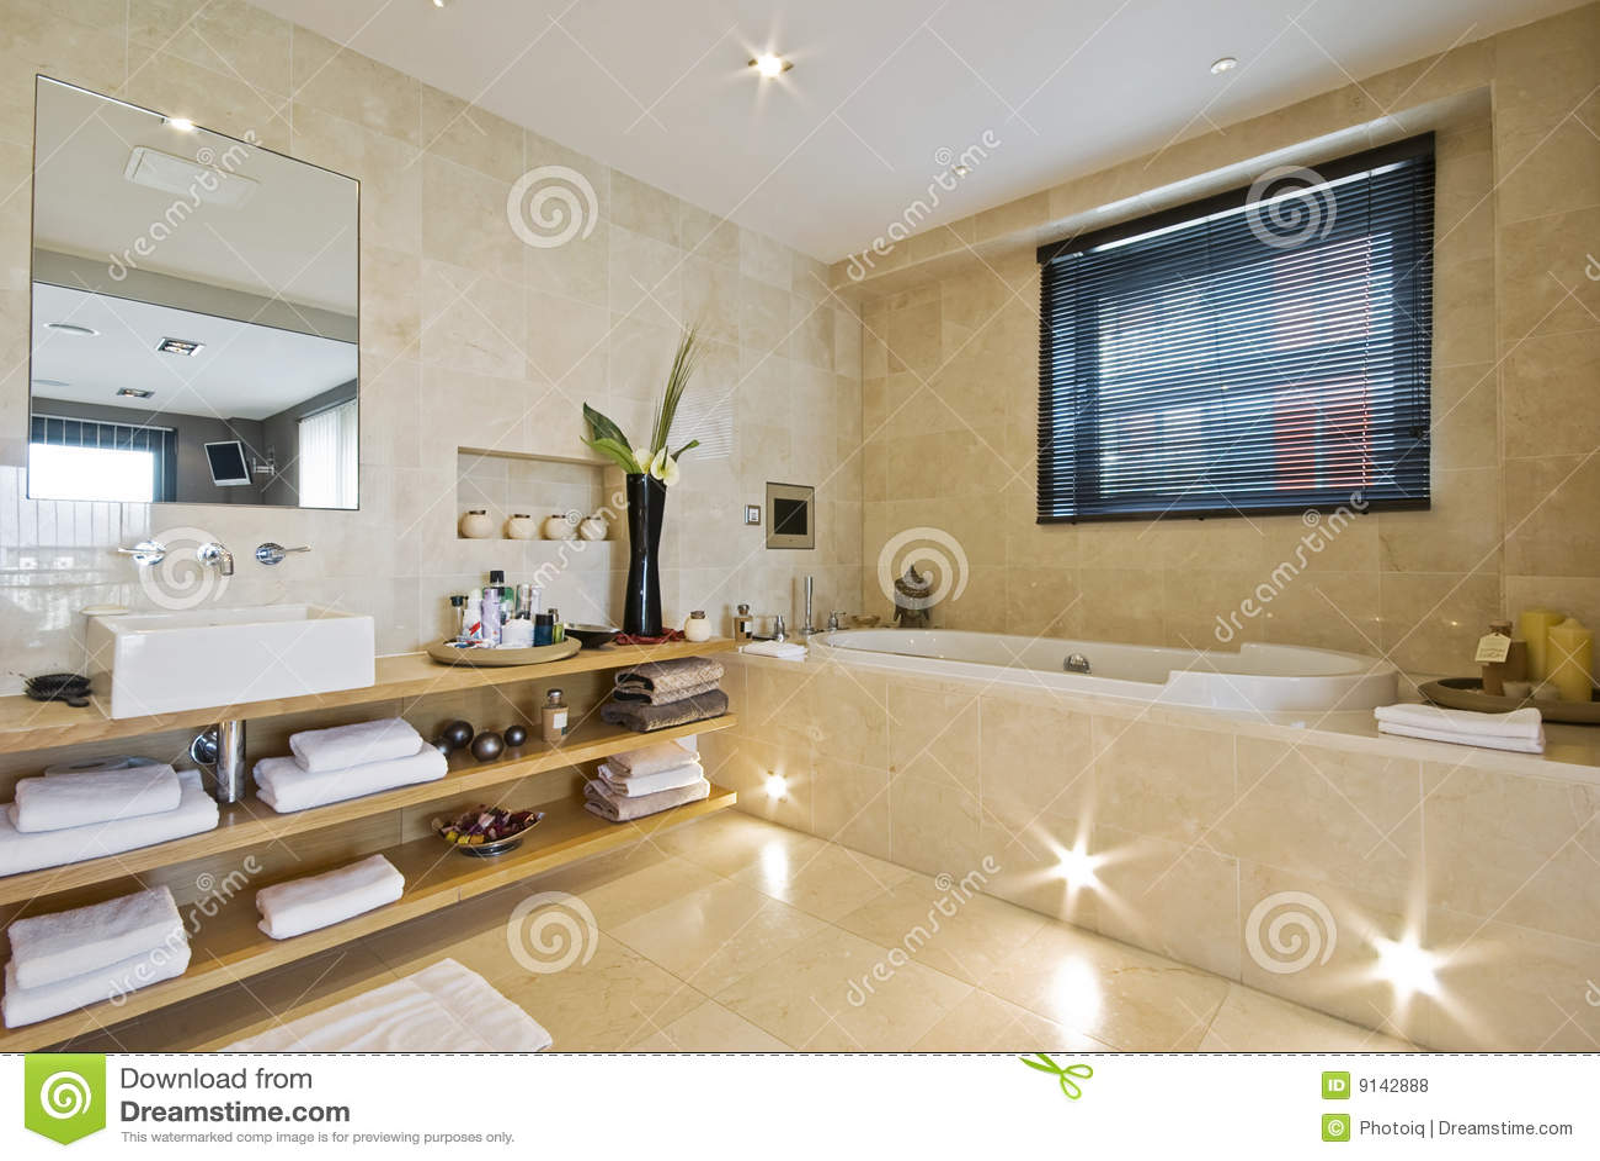 Banheiro Luxuoso Com Luz Mármore Marrom Fotos de Stock Royalty Free  #614B30 1300x960 Banheiro Amarelo E Marrom